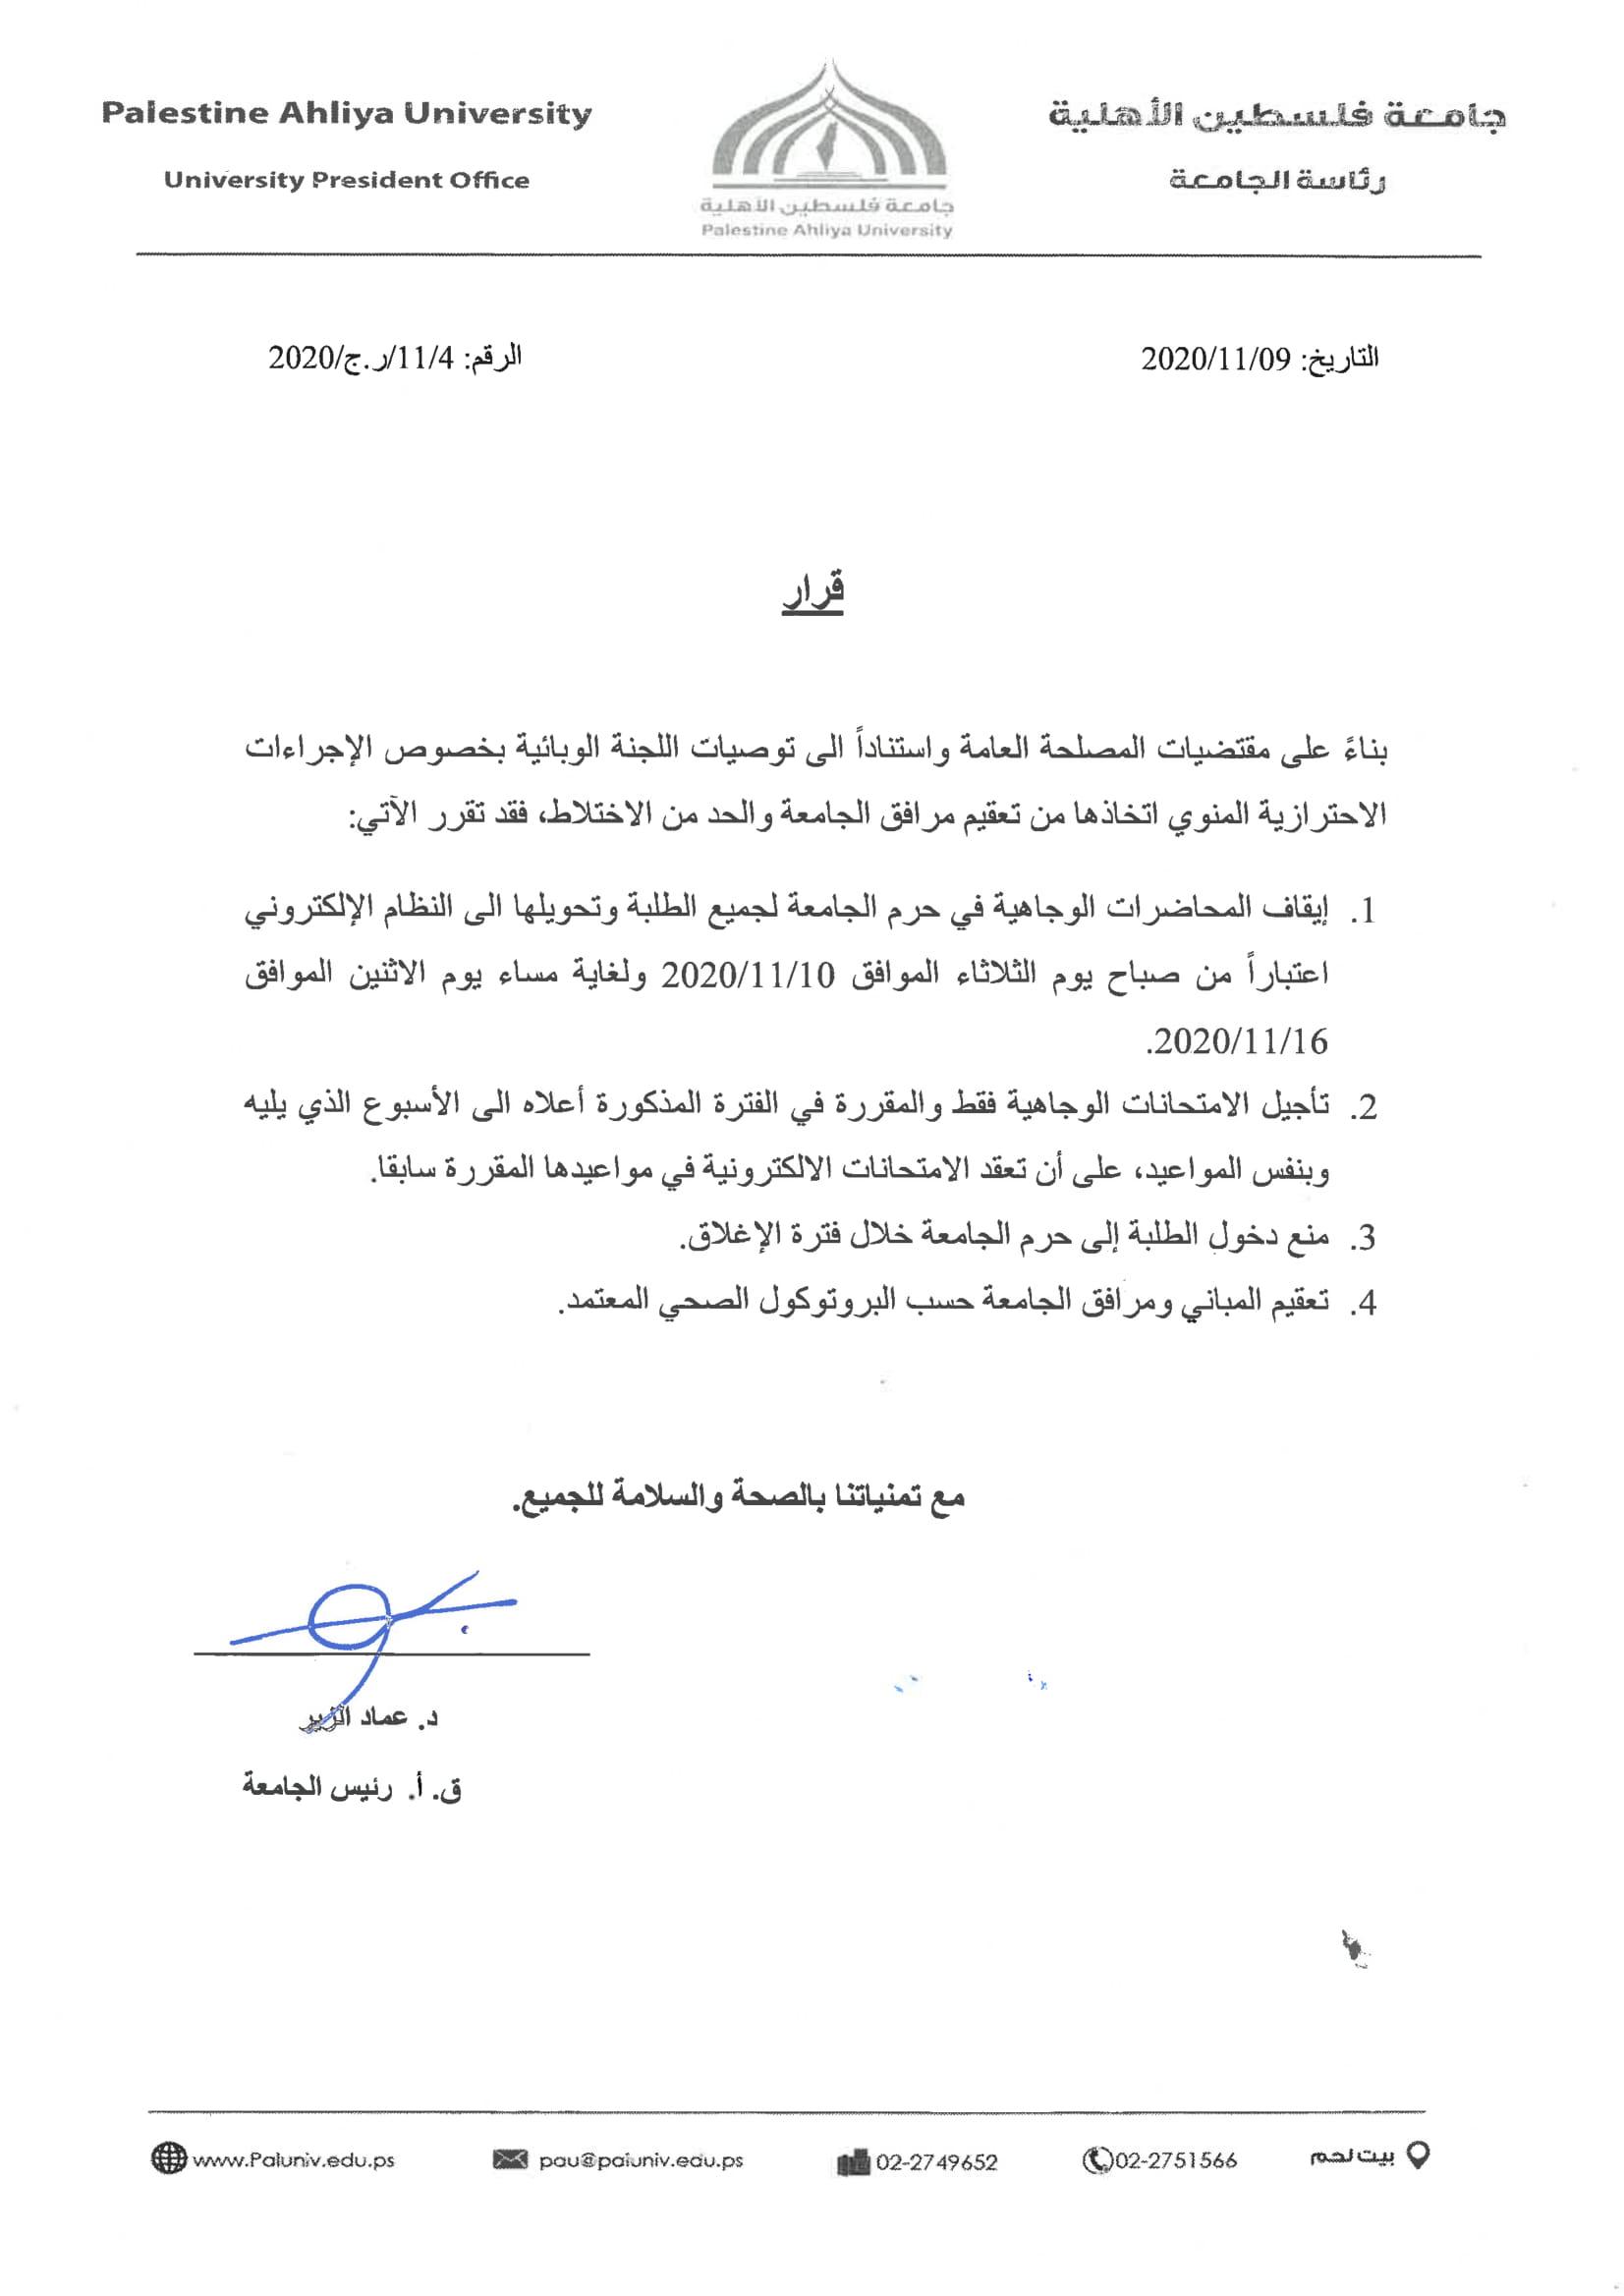 جامعة فلسطين الاهلية تصدر قراراً بخصوص الدوام والامتحانات